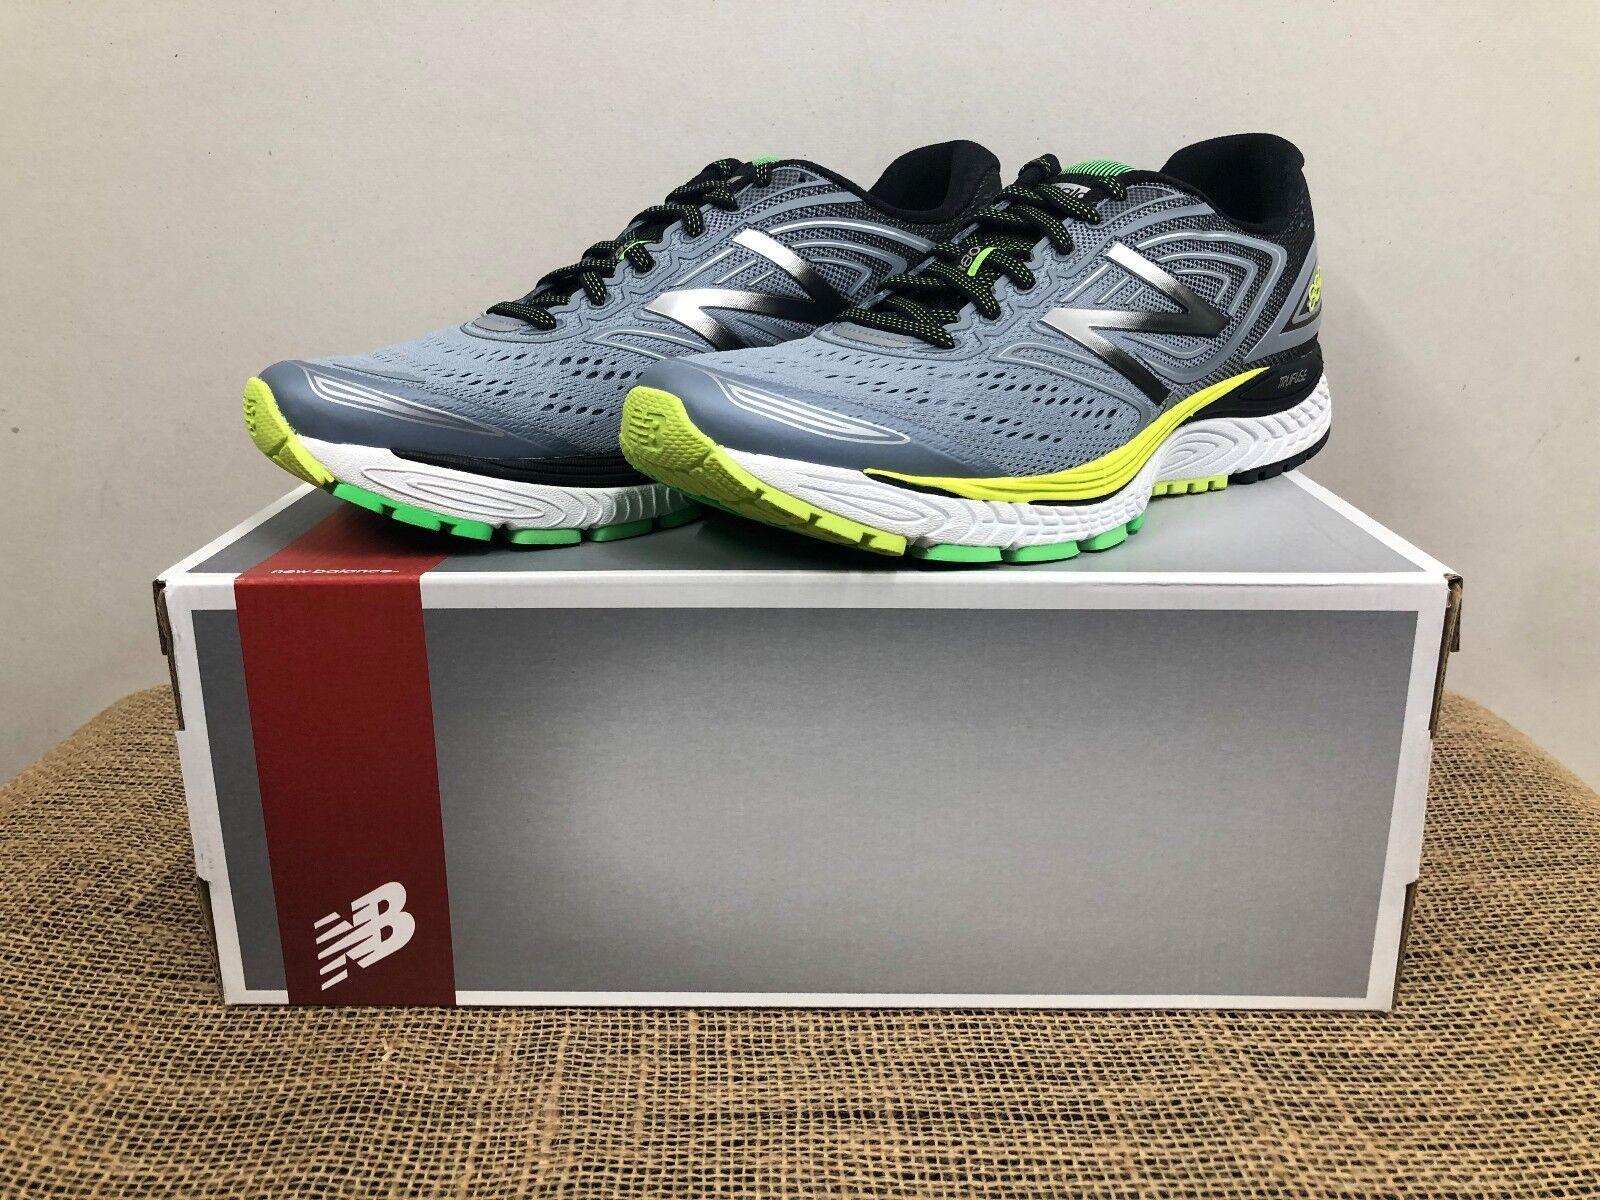 Nuovo equilibrio degli uomini mw928 br2 brown brown brown scarpa dapasseggio extra larghi 4e nuovo in scatola 481de0